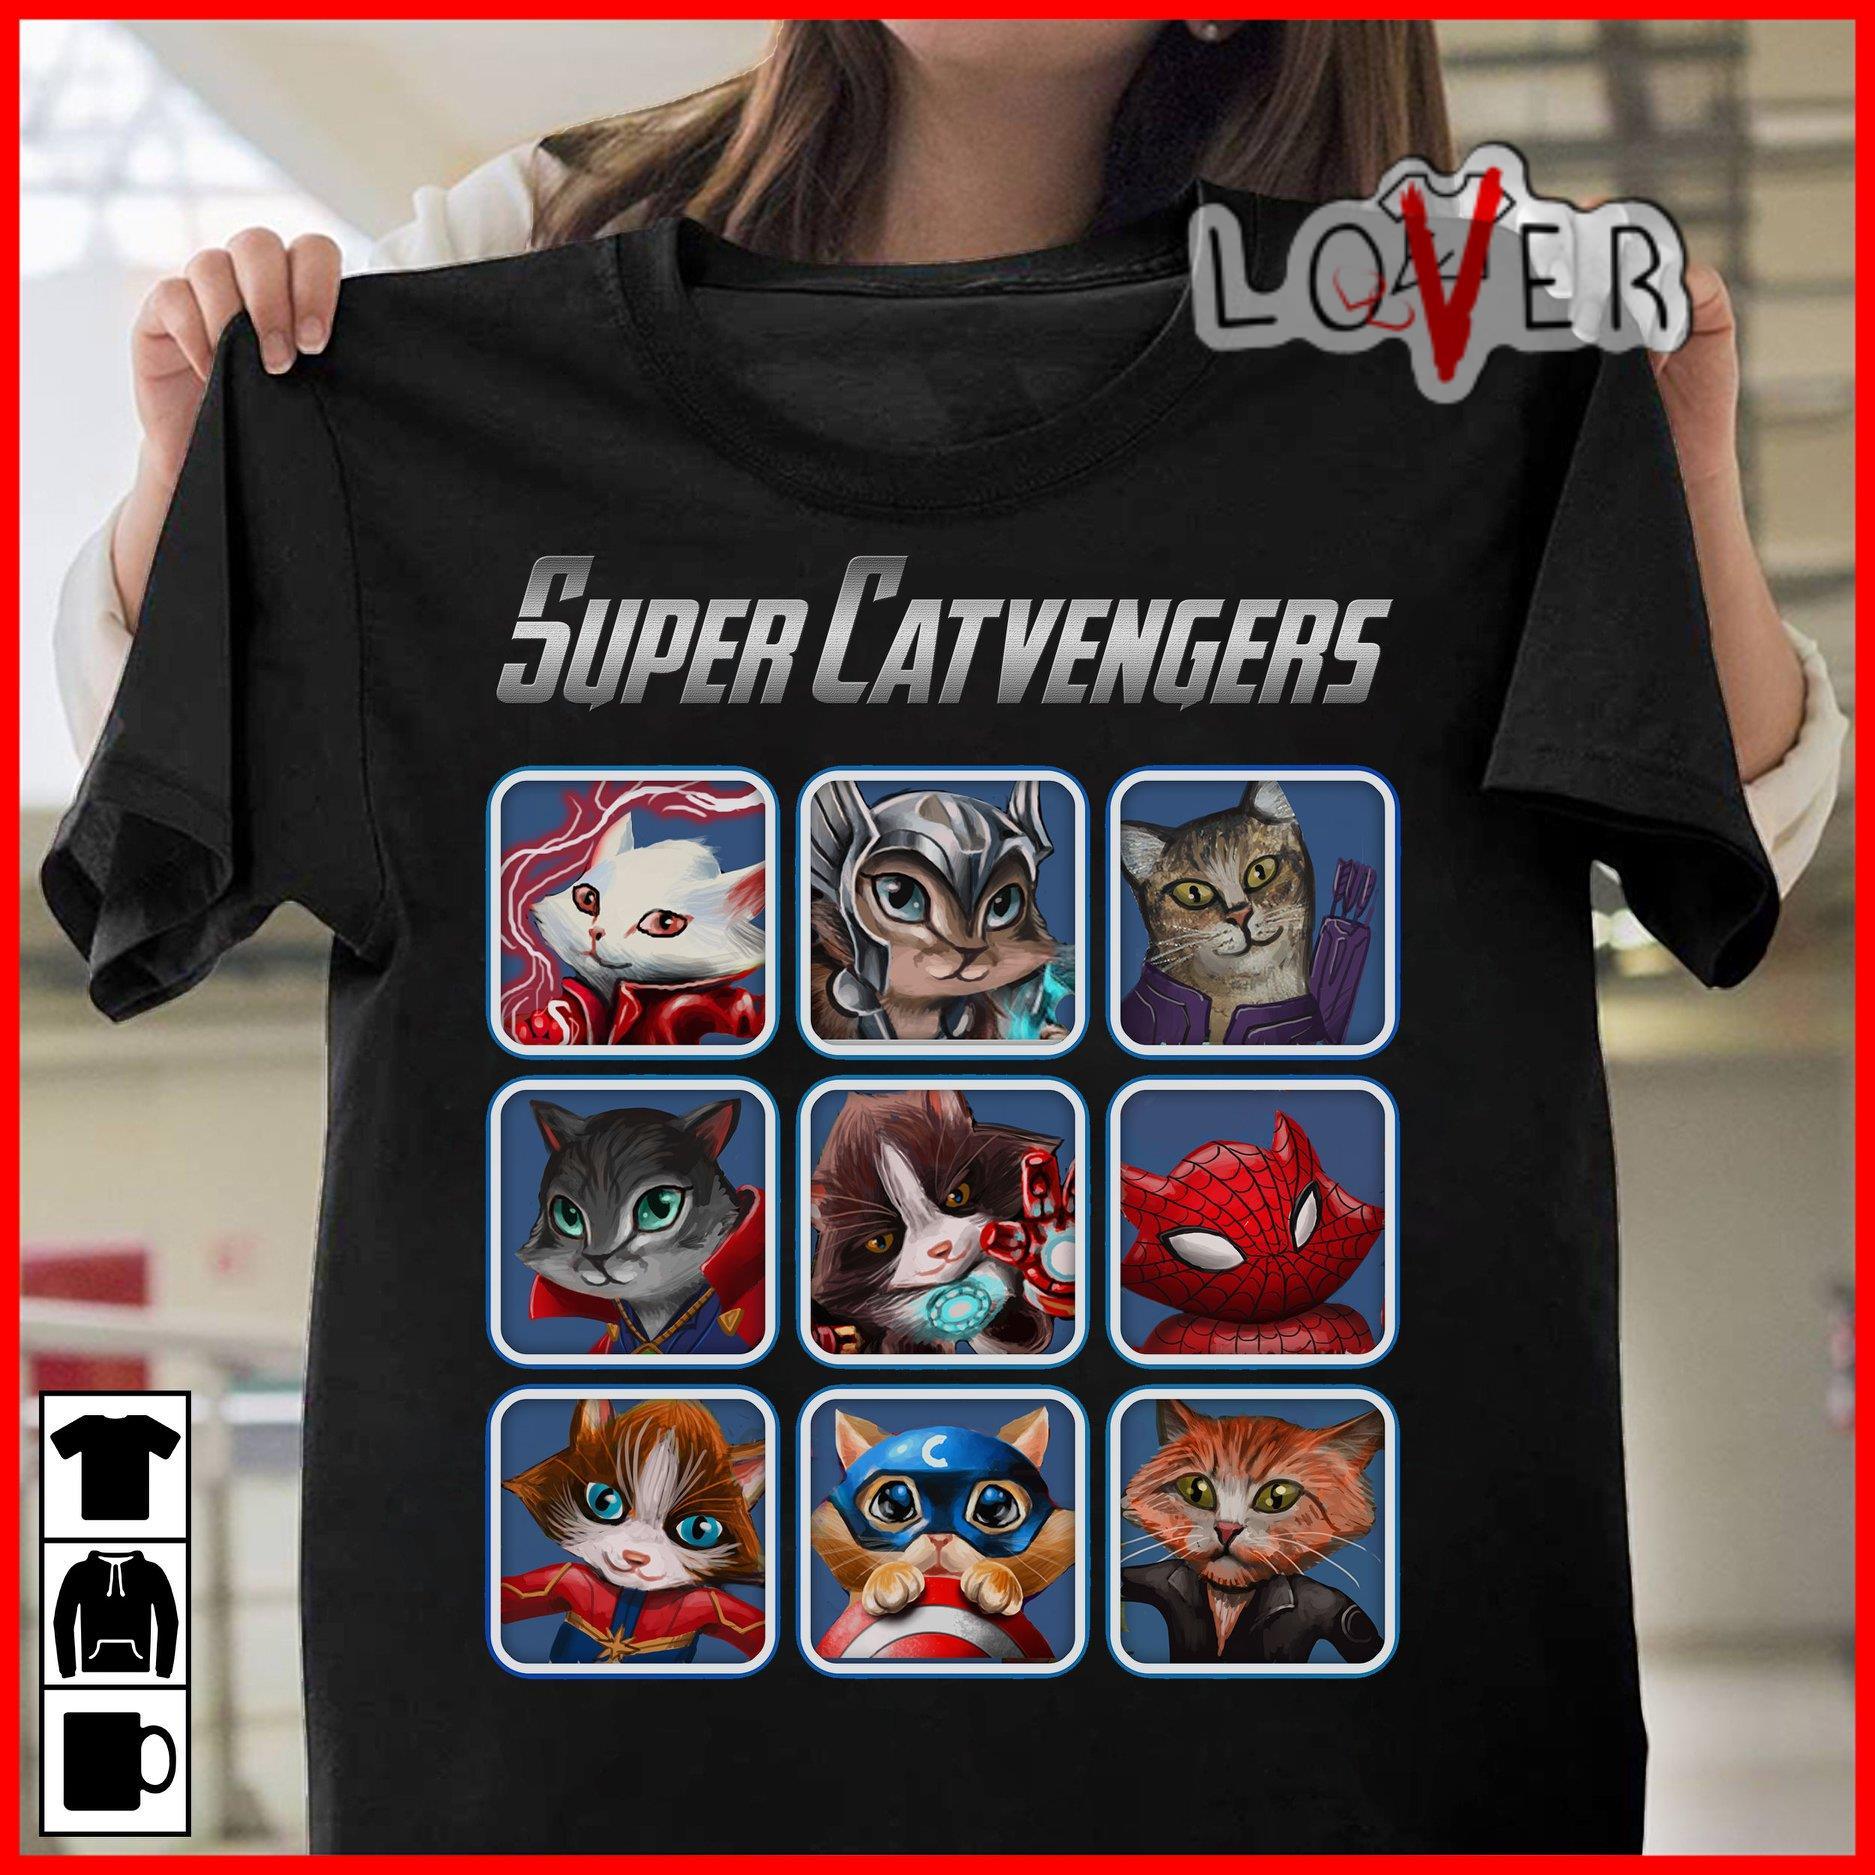 Avengers Super Catvengers shirt